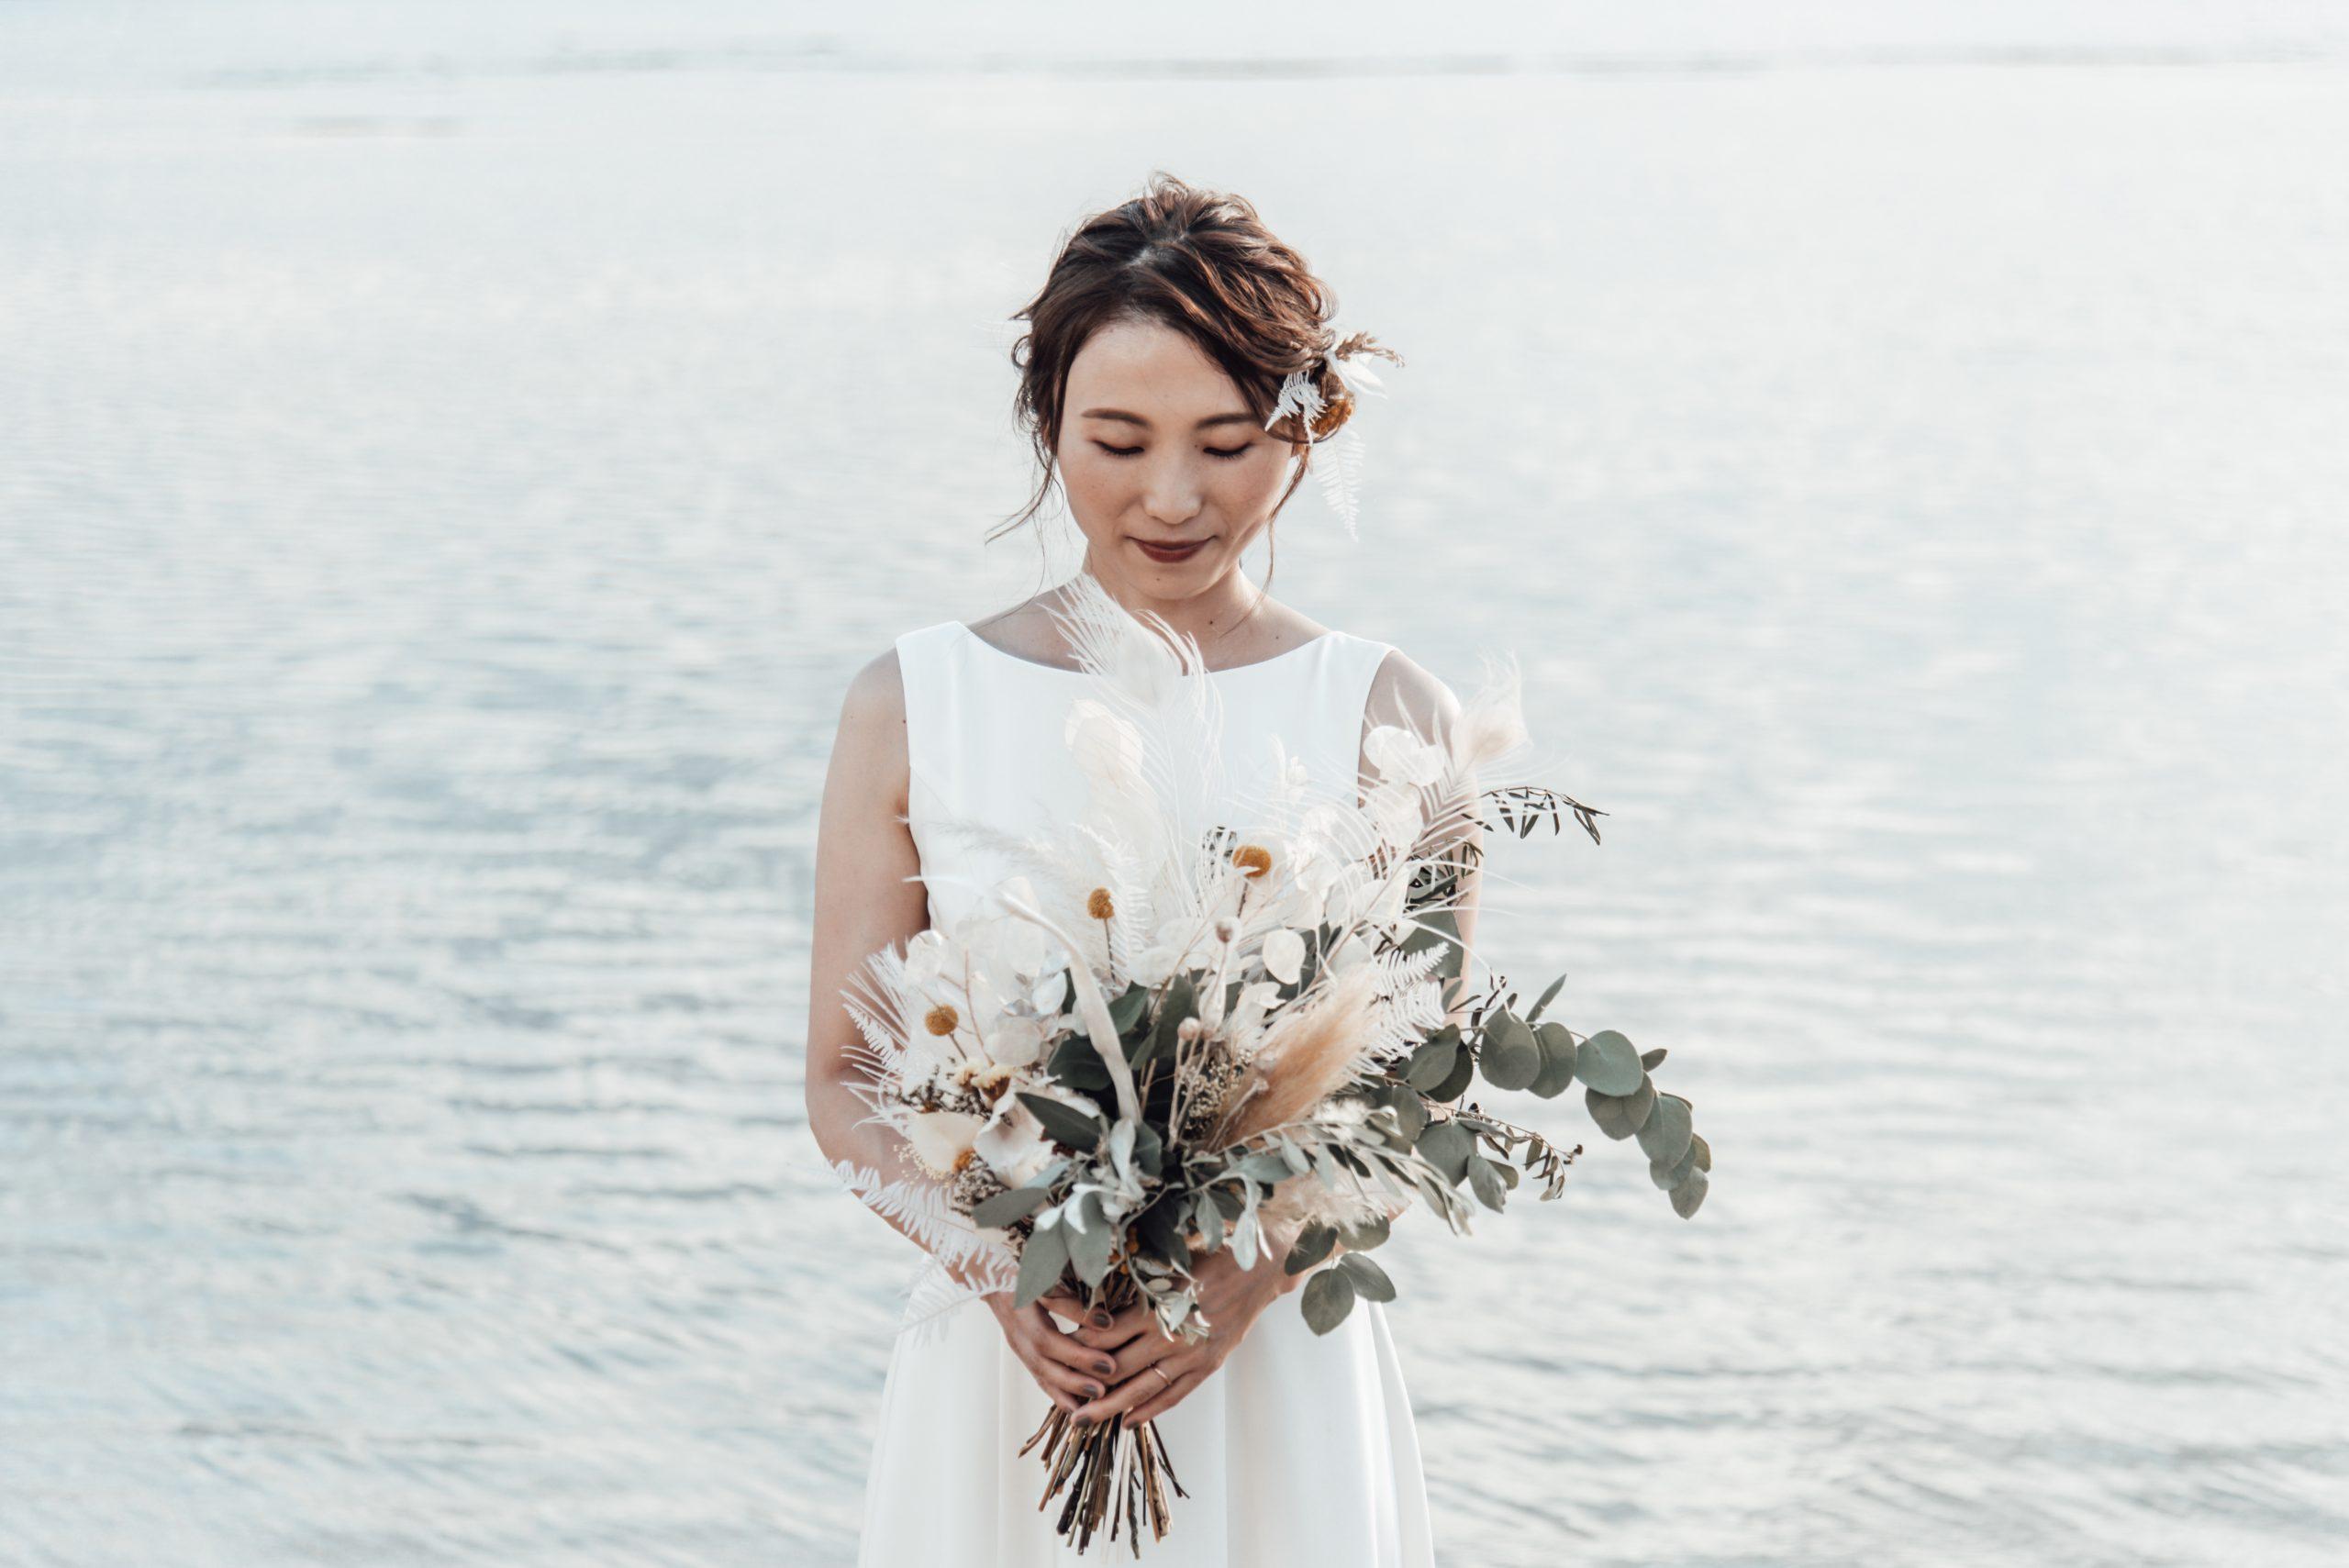 沖縄のビーチでウェディングブーケを持つ花嫁